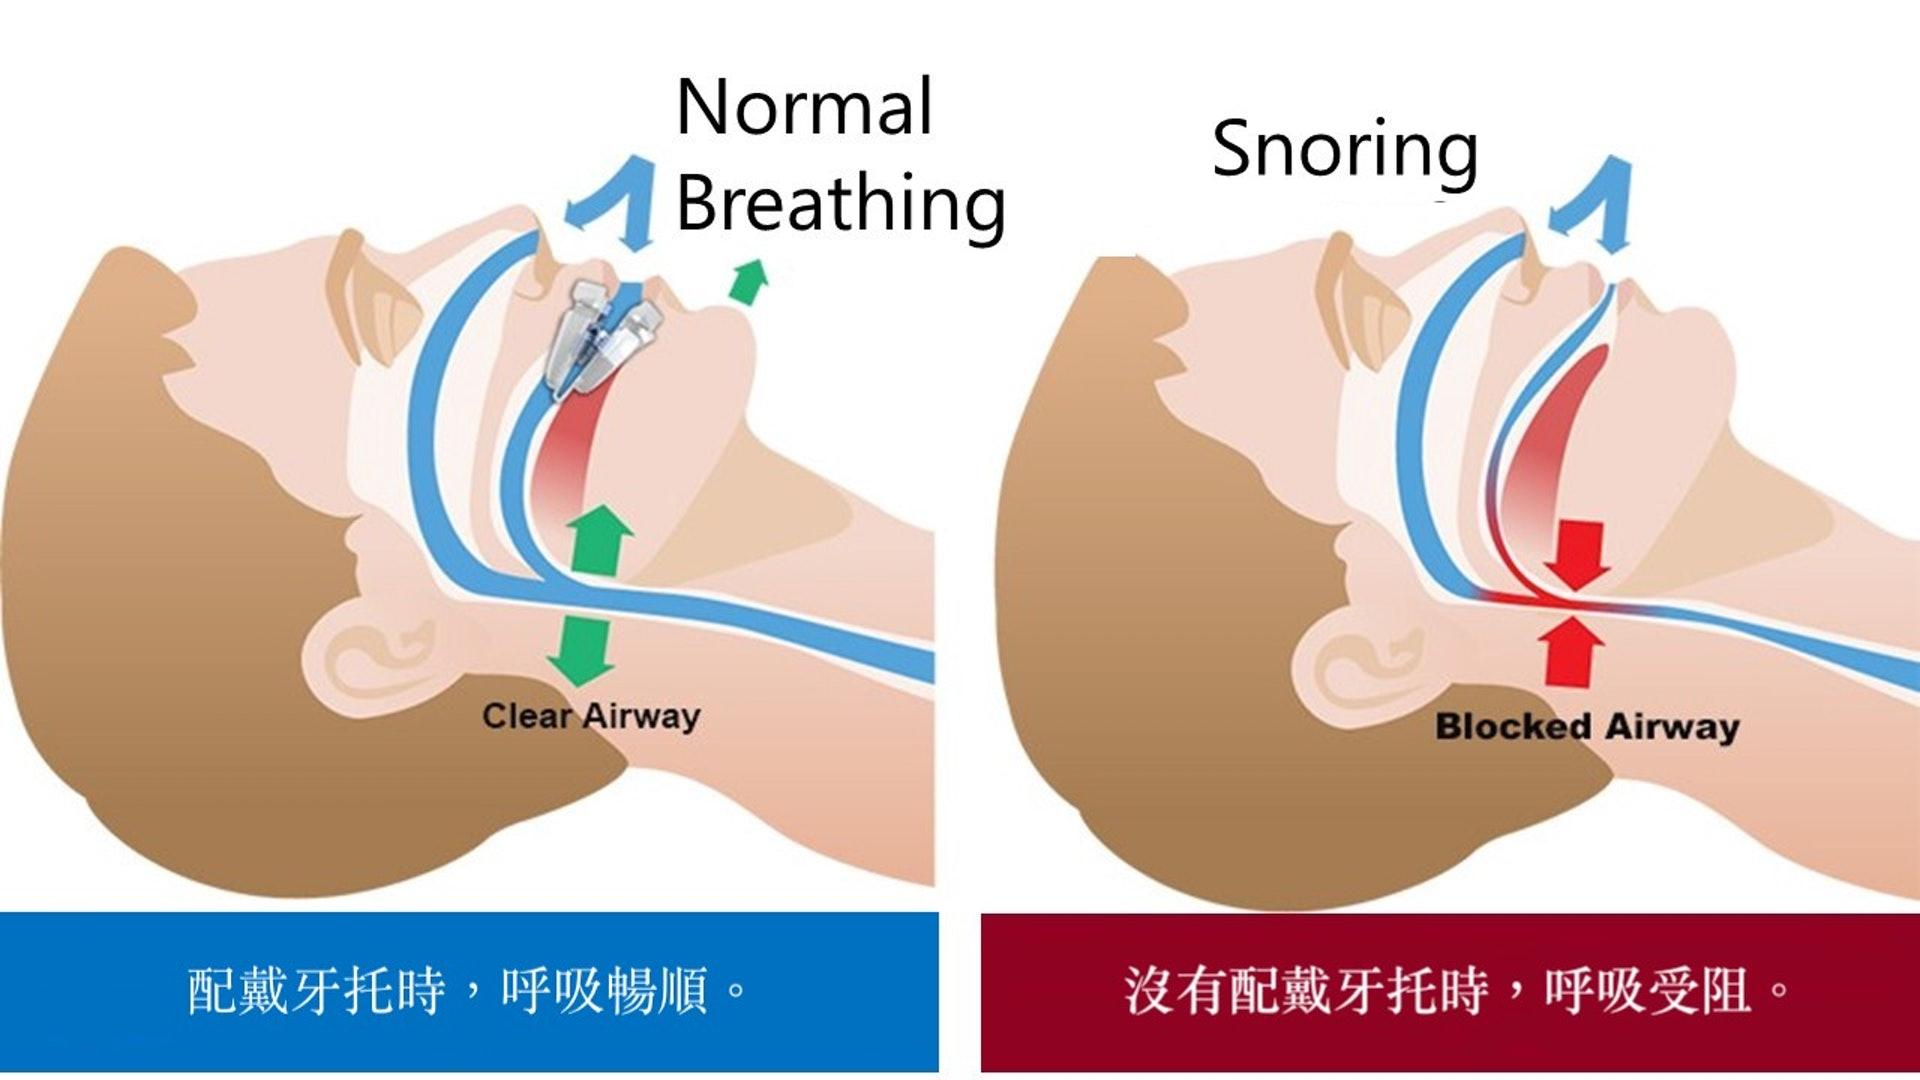 牙托簡單有效,原理是將下顎輕微向外推出,擴闊上呼吸道,令呼吸暢順,從而改善鼻鼾問題。(圖片:mynaturlig)